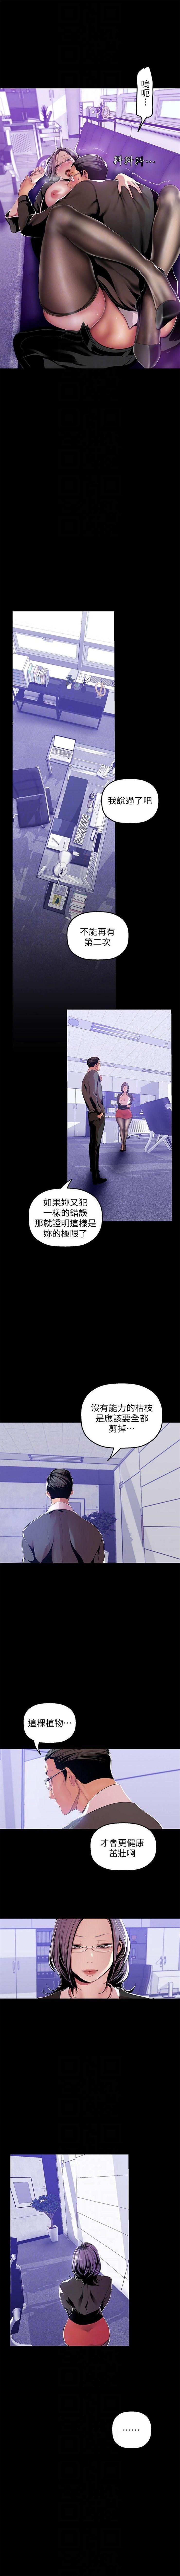 (週1)美麗新世界 1-76 中文翻譯 (更新中) 344